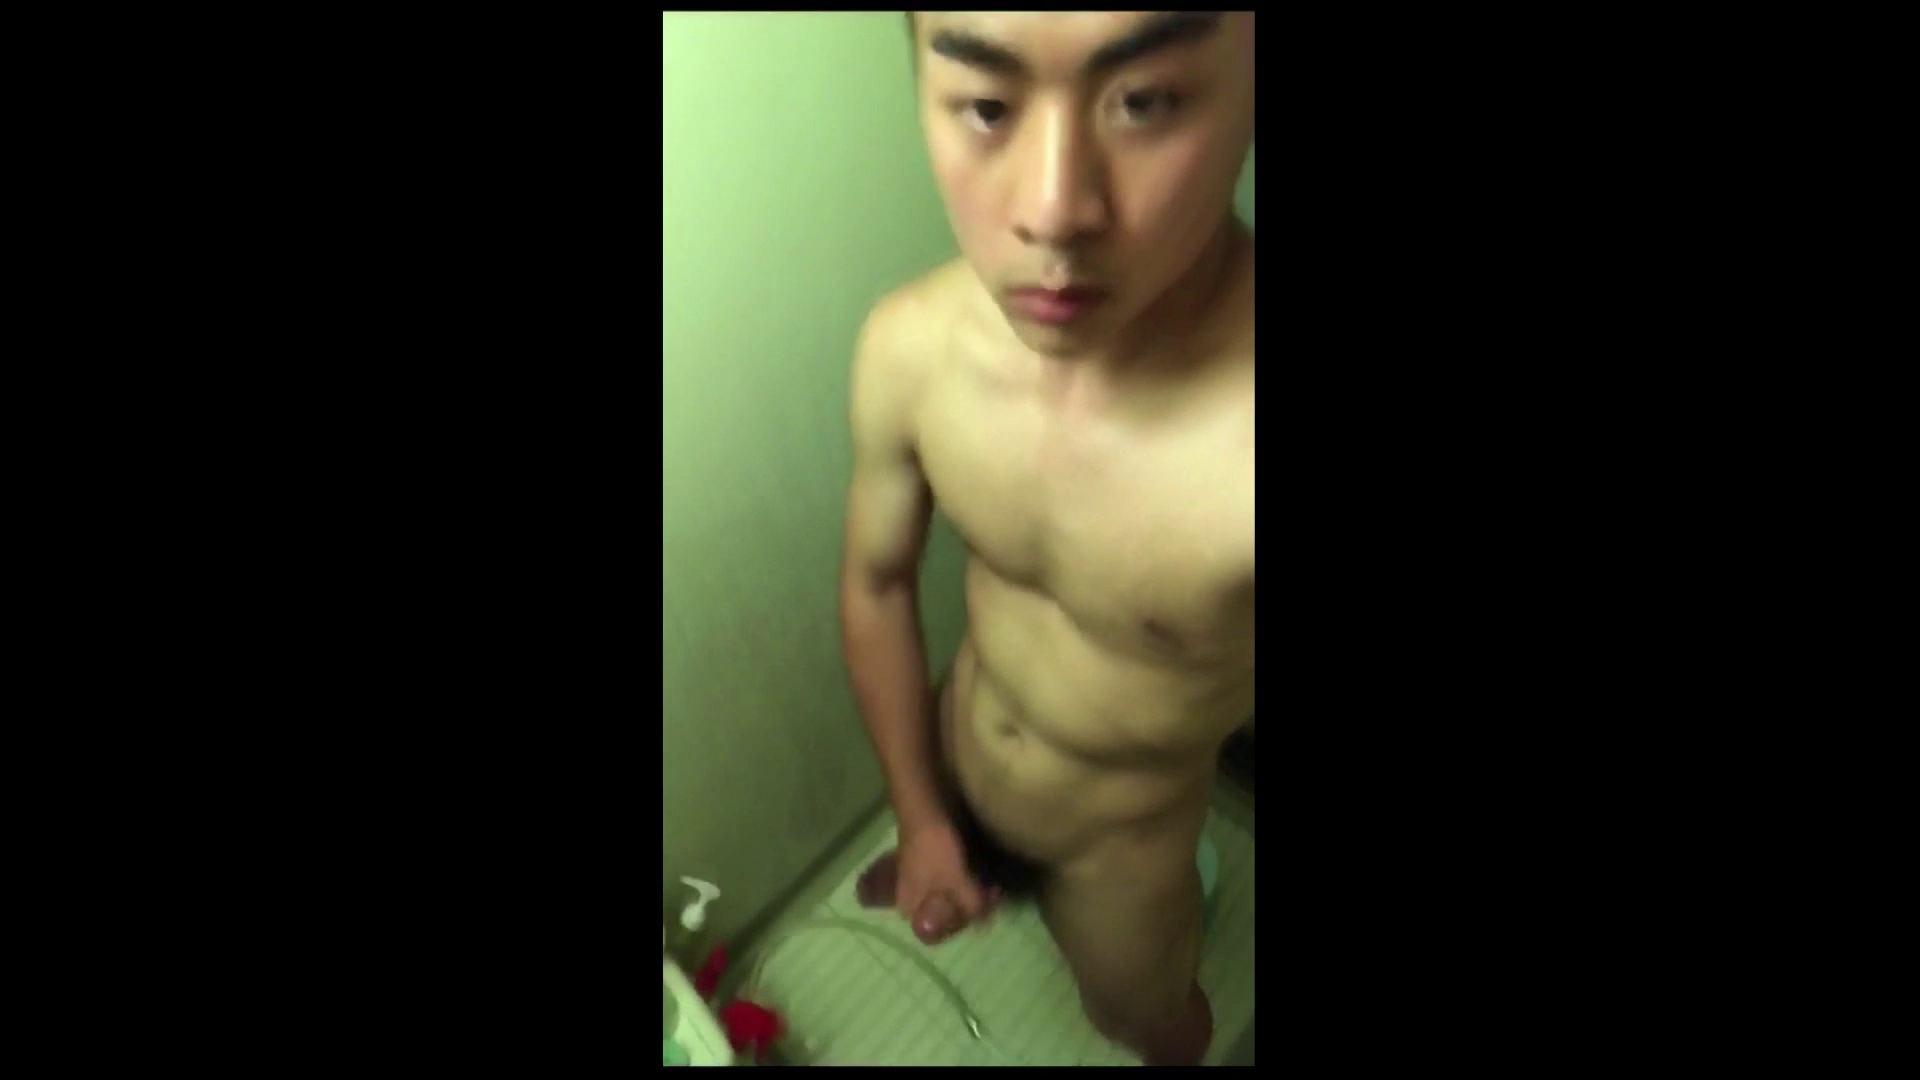 個人撮影 自慰の極意 Vol.2 個人撮影 | 手コキ ゲイエロ動画 79pic 7